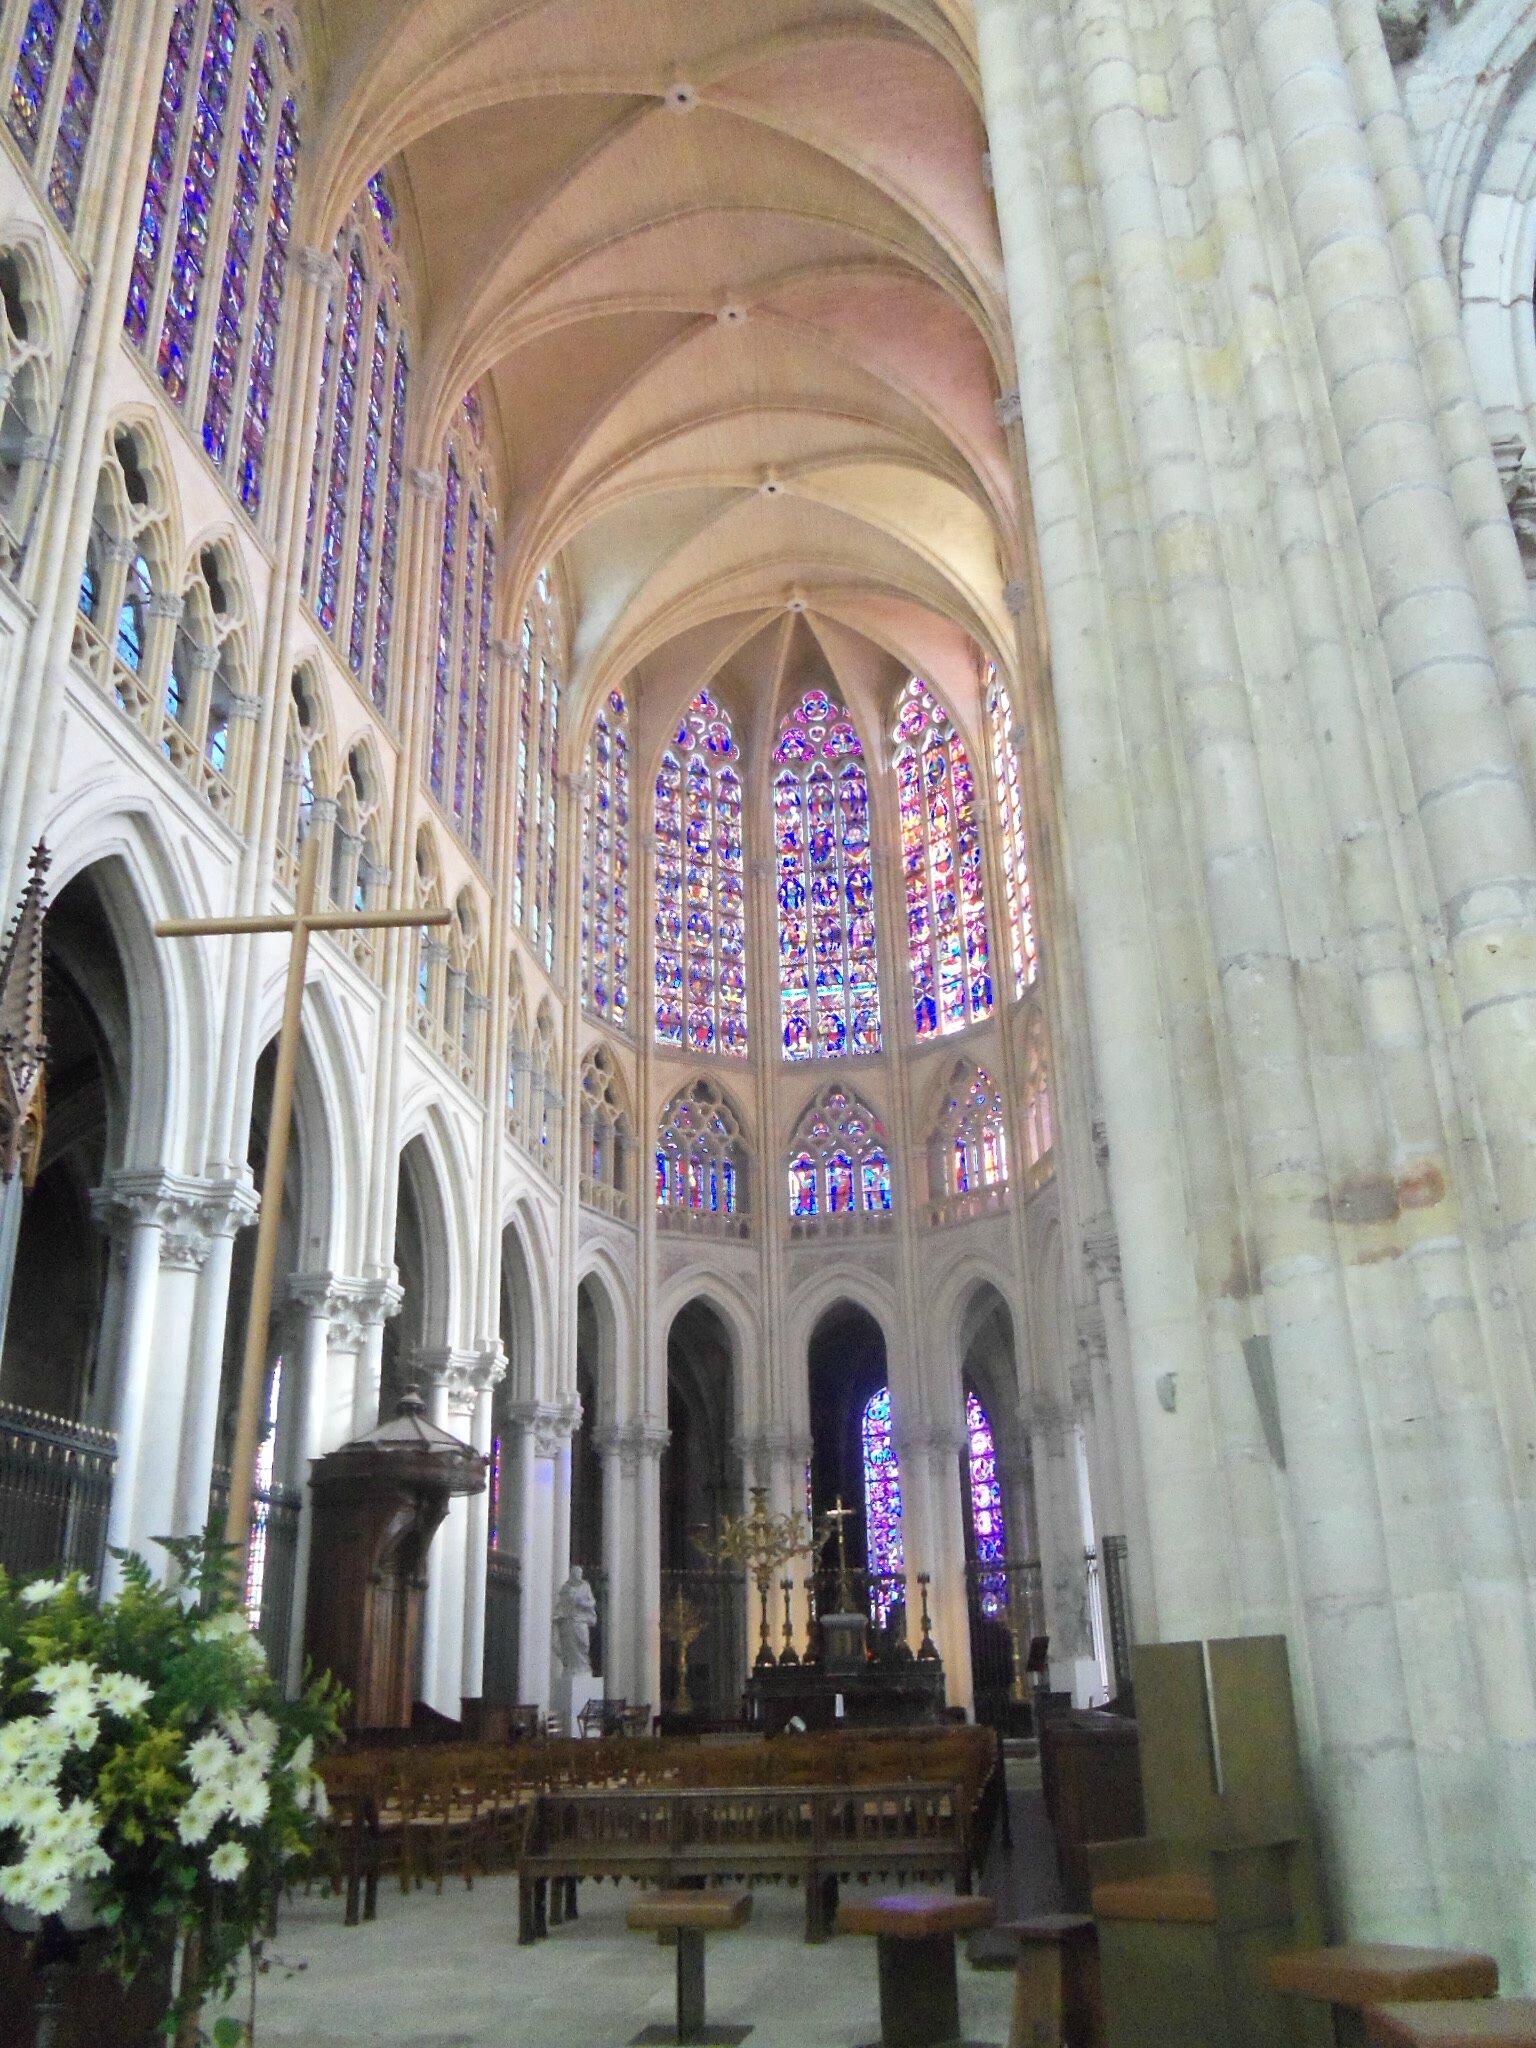 Cathedrale saint gatien interieur latouraineetsonpatrimoine - Une cathedrale gothique ...